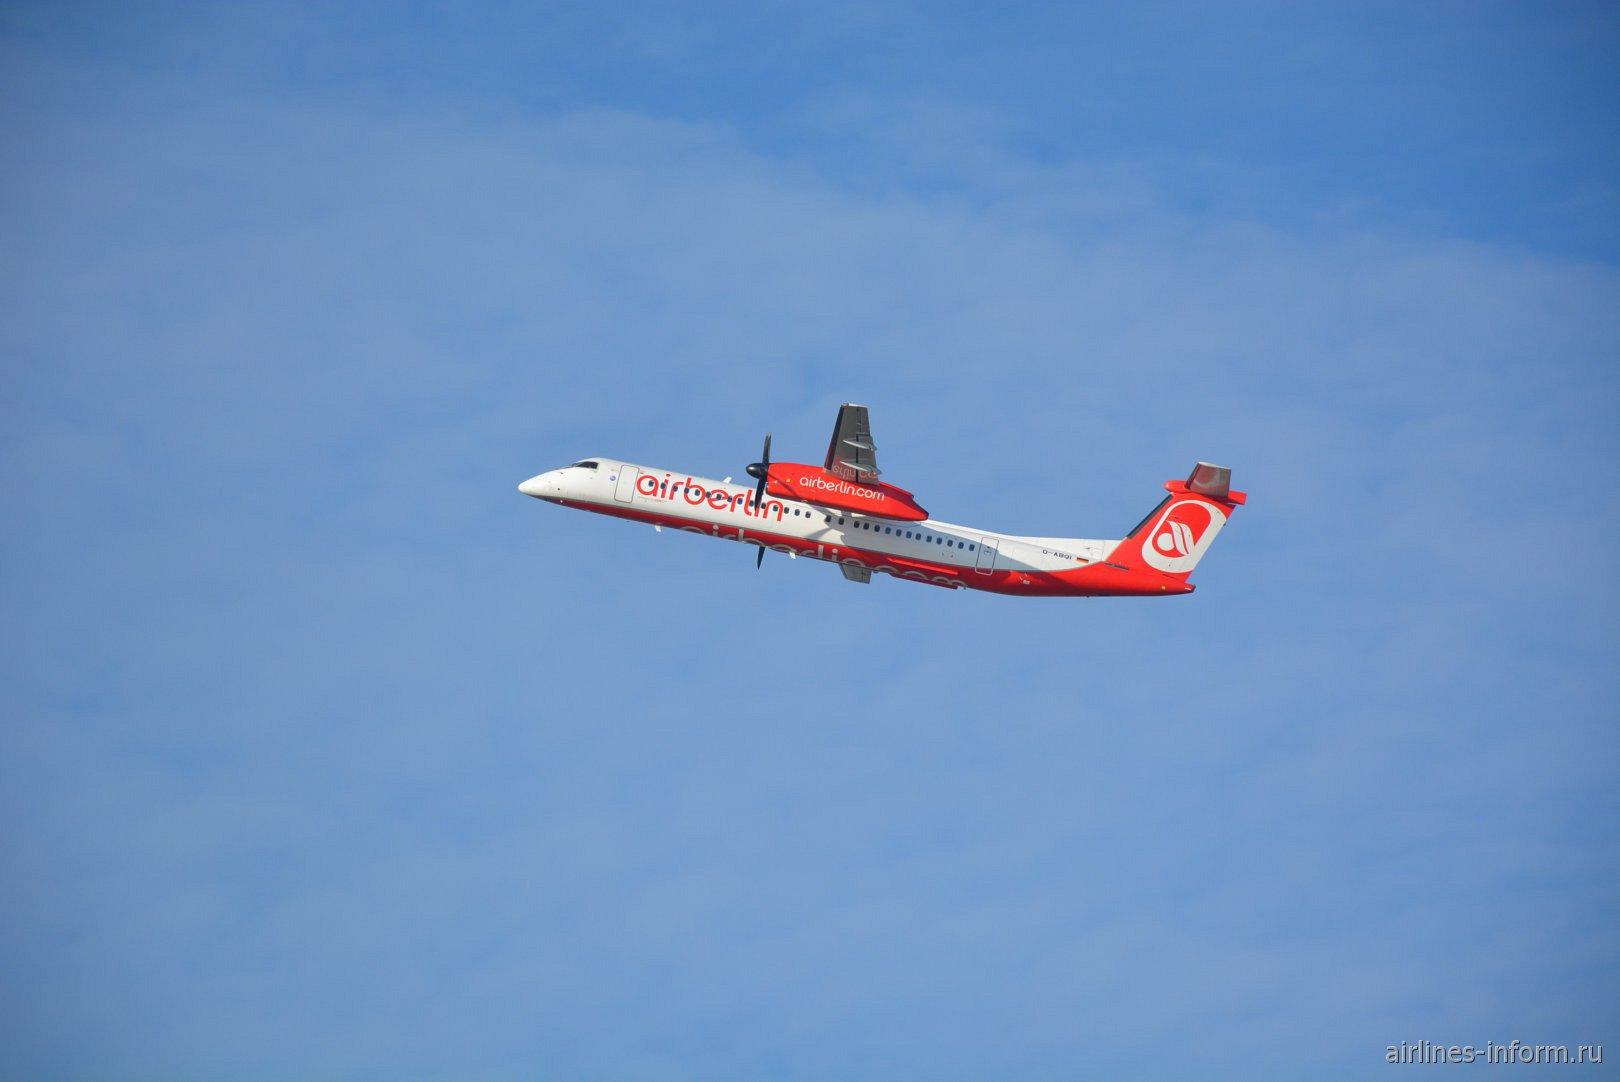 Взлет Bombardier Dash 8 Q400 D-ABQI авиакомпании LGW